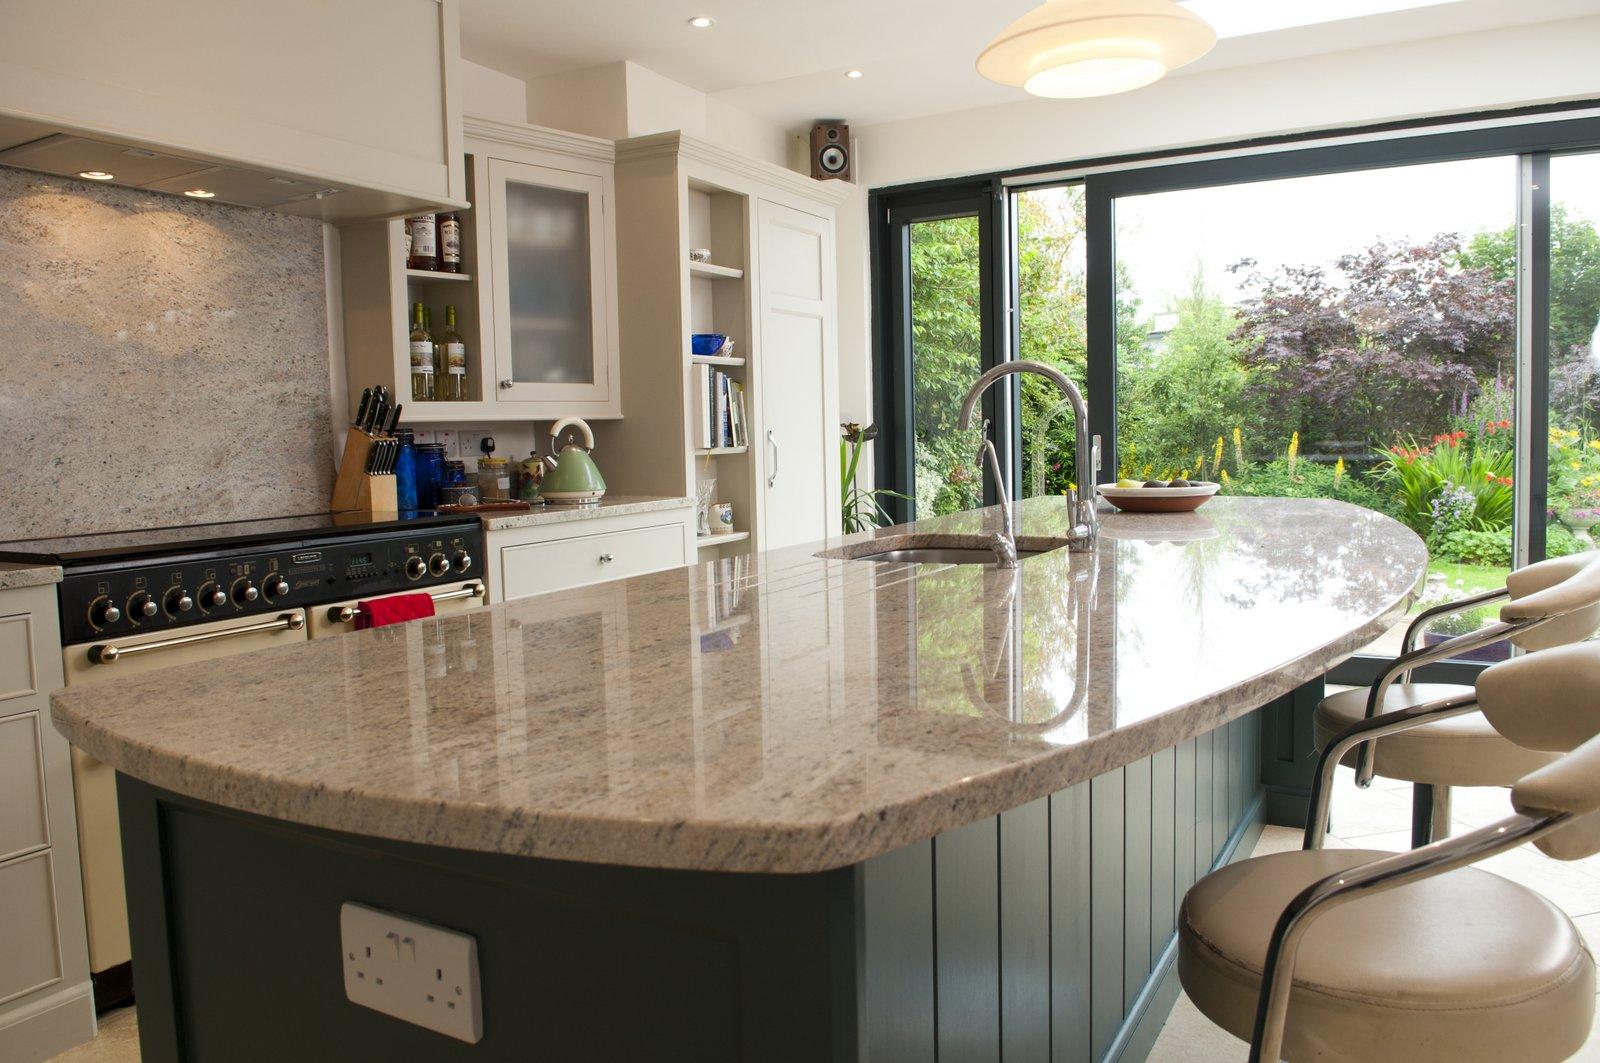 Bespoke handmade kitchens, island worktop